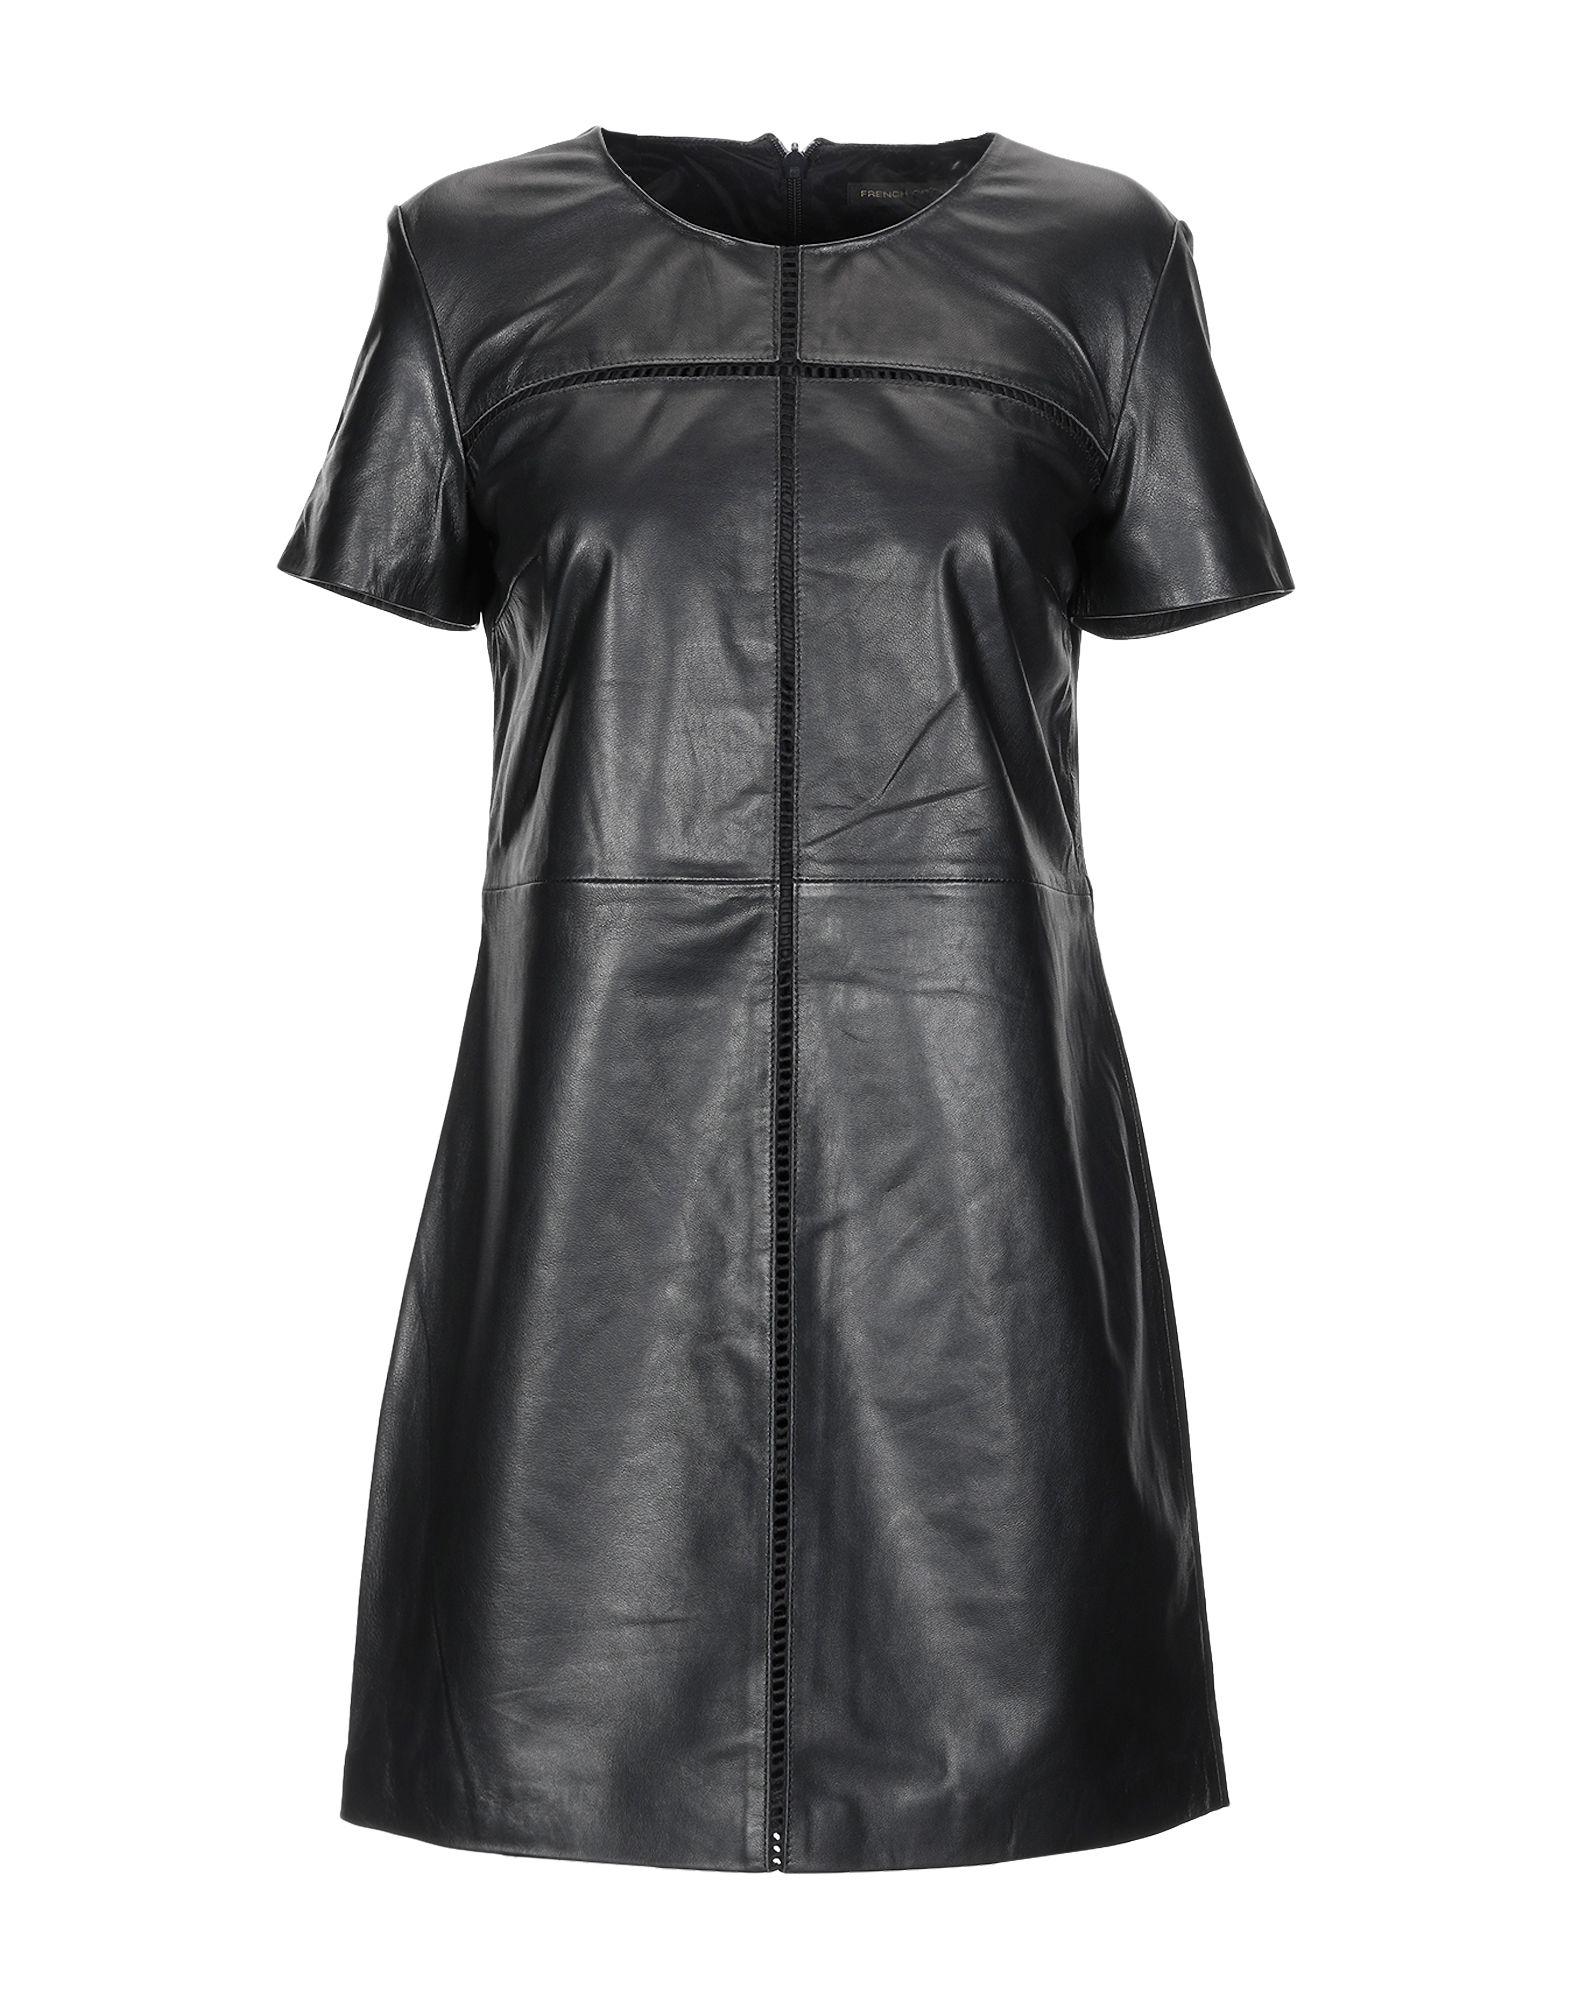 FRENCH CONNECTION Damen Kurzes Kleid Farbe Schwarz Größe 7